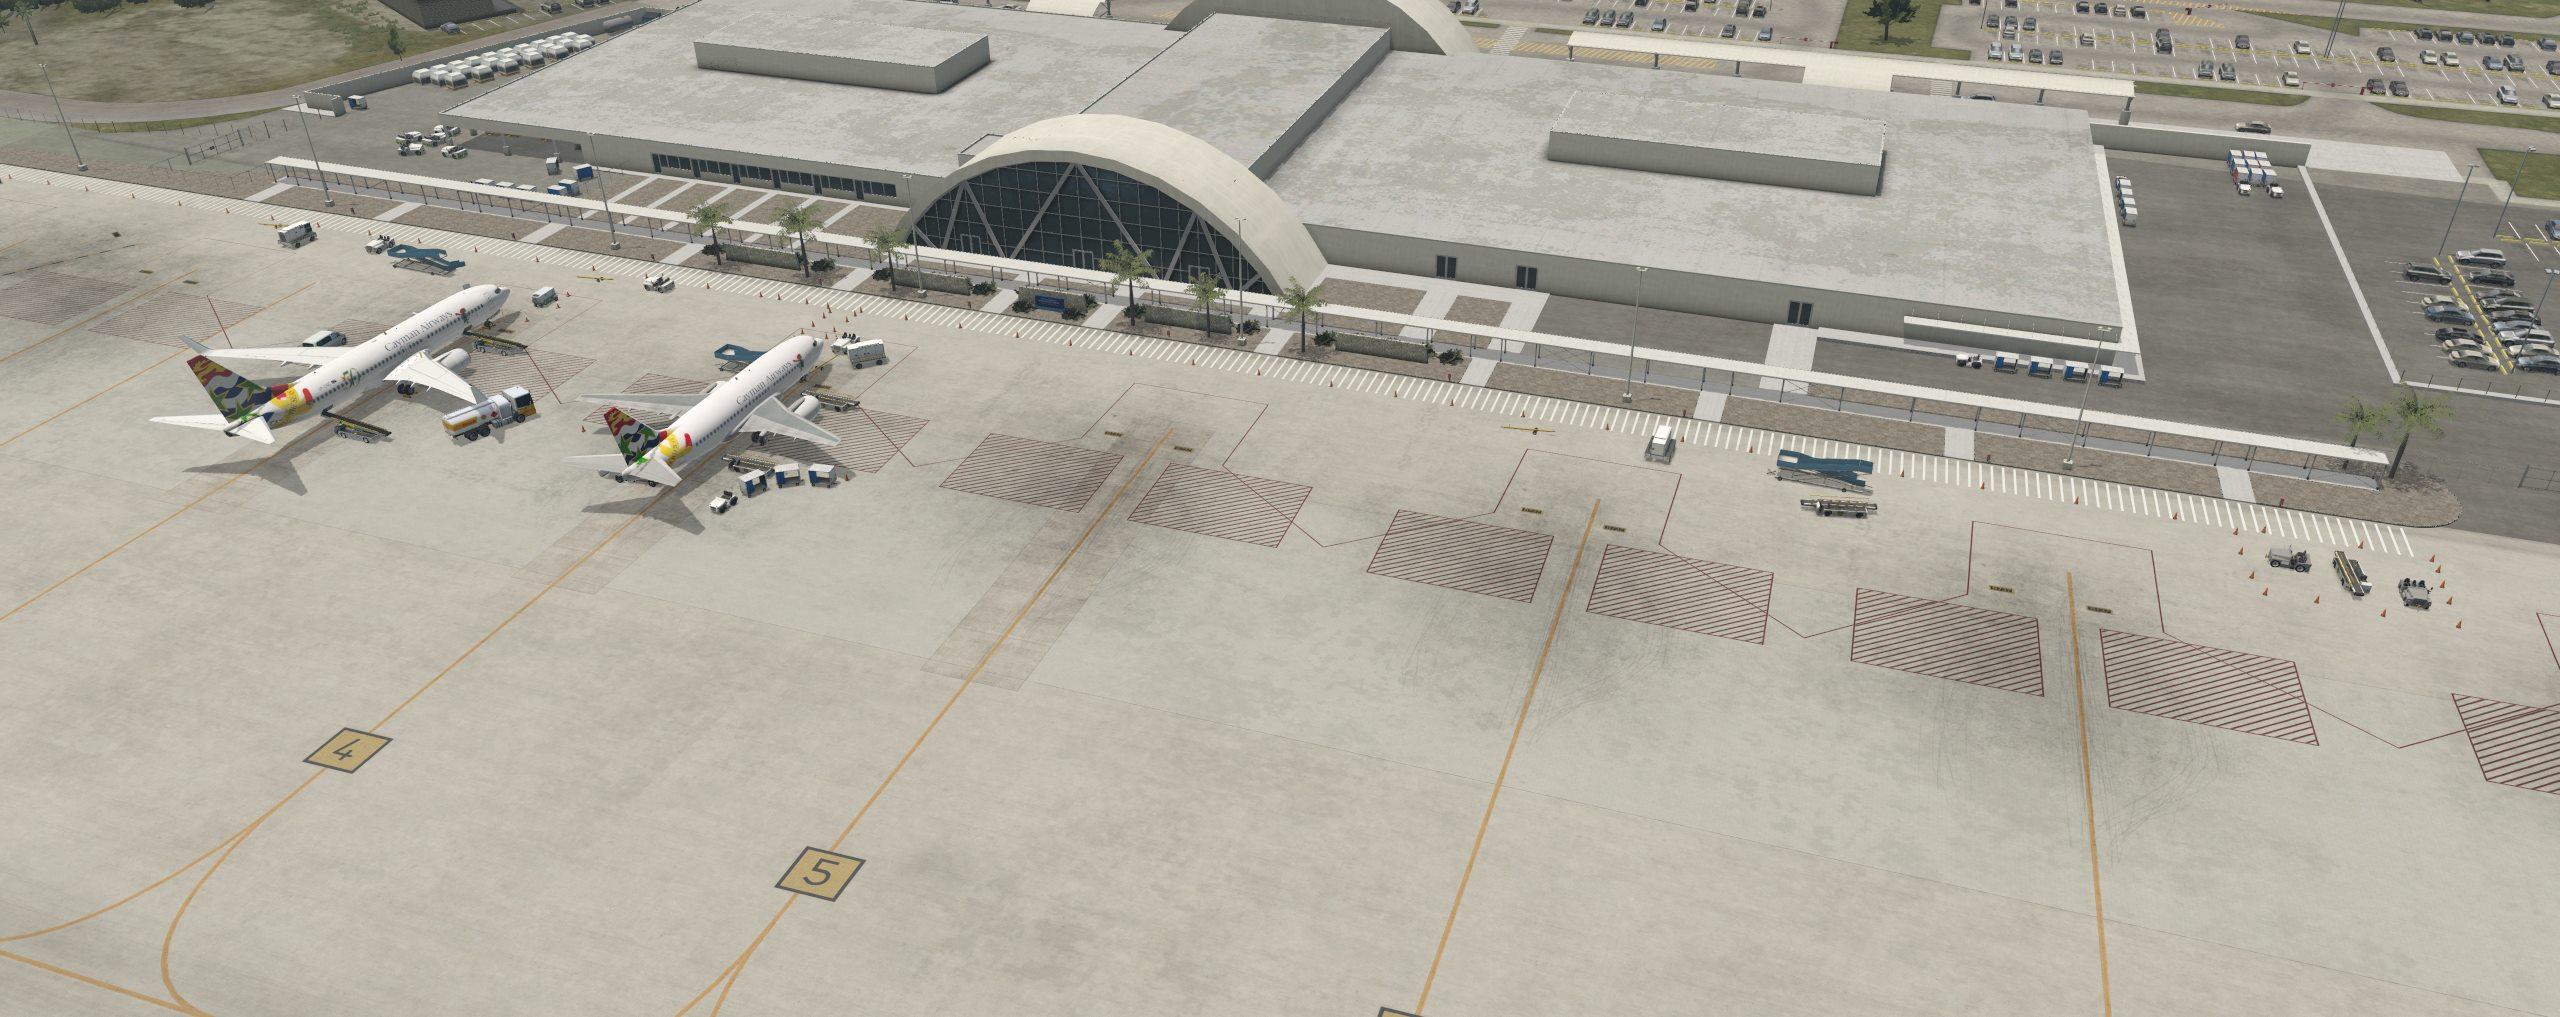 RWY26 MWCR Xplane Previews 1